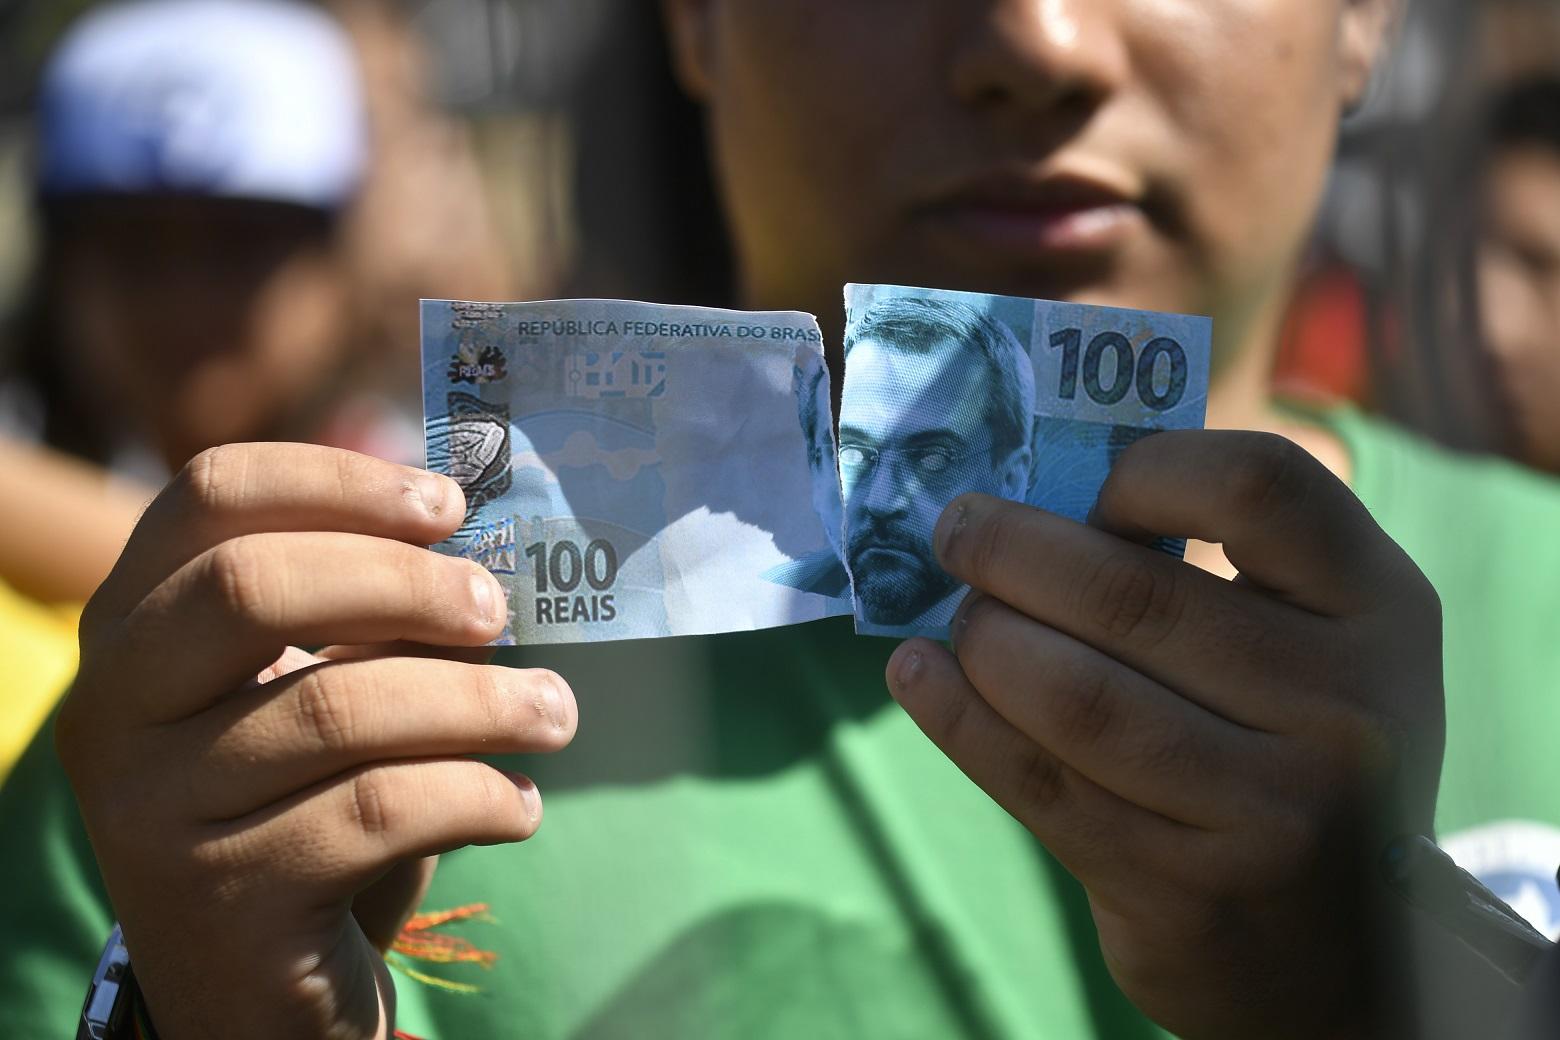 Manifestante rasga cédula falsa com a foto do ministro Abraham Weintraub. em protesto em frente ao MEC: críticas a criação de fundo de natureza privada para financiar educação pública (Foto: Mateus Bonomi/AGIF)